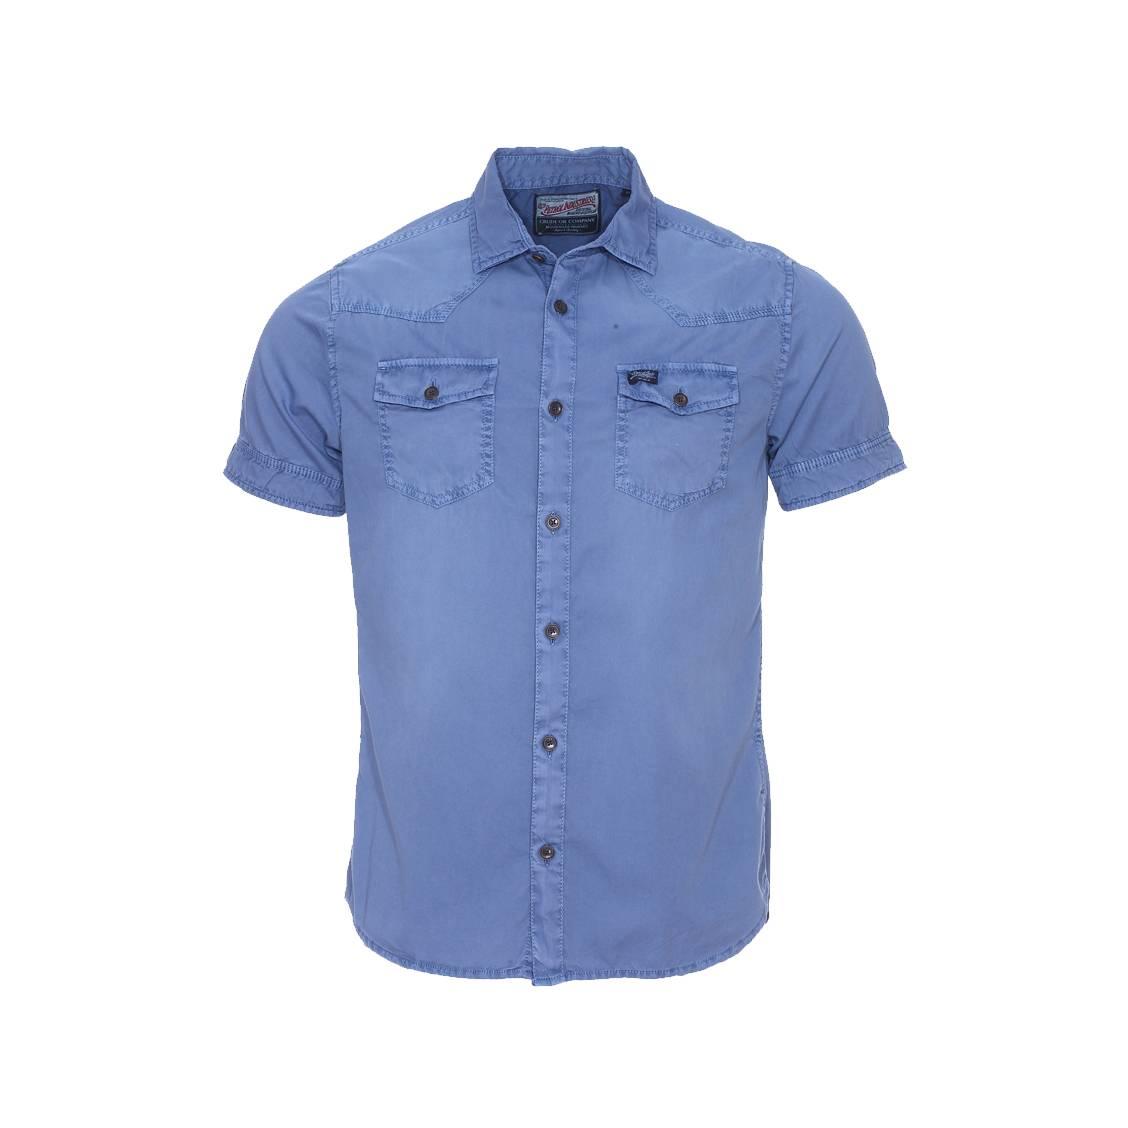 Chemise manches courtes  bleu pétrole effet vintage